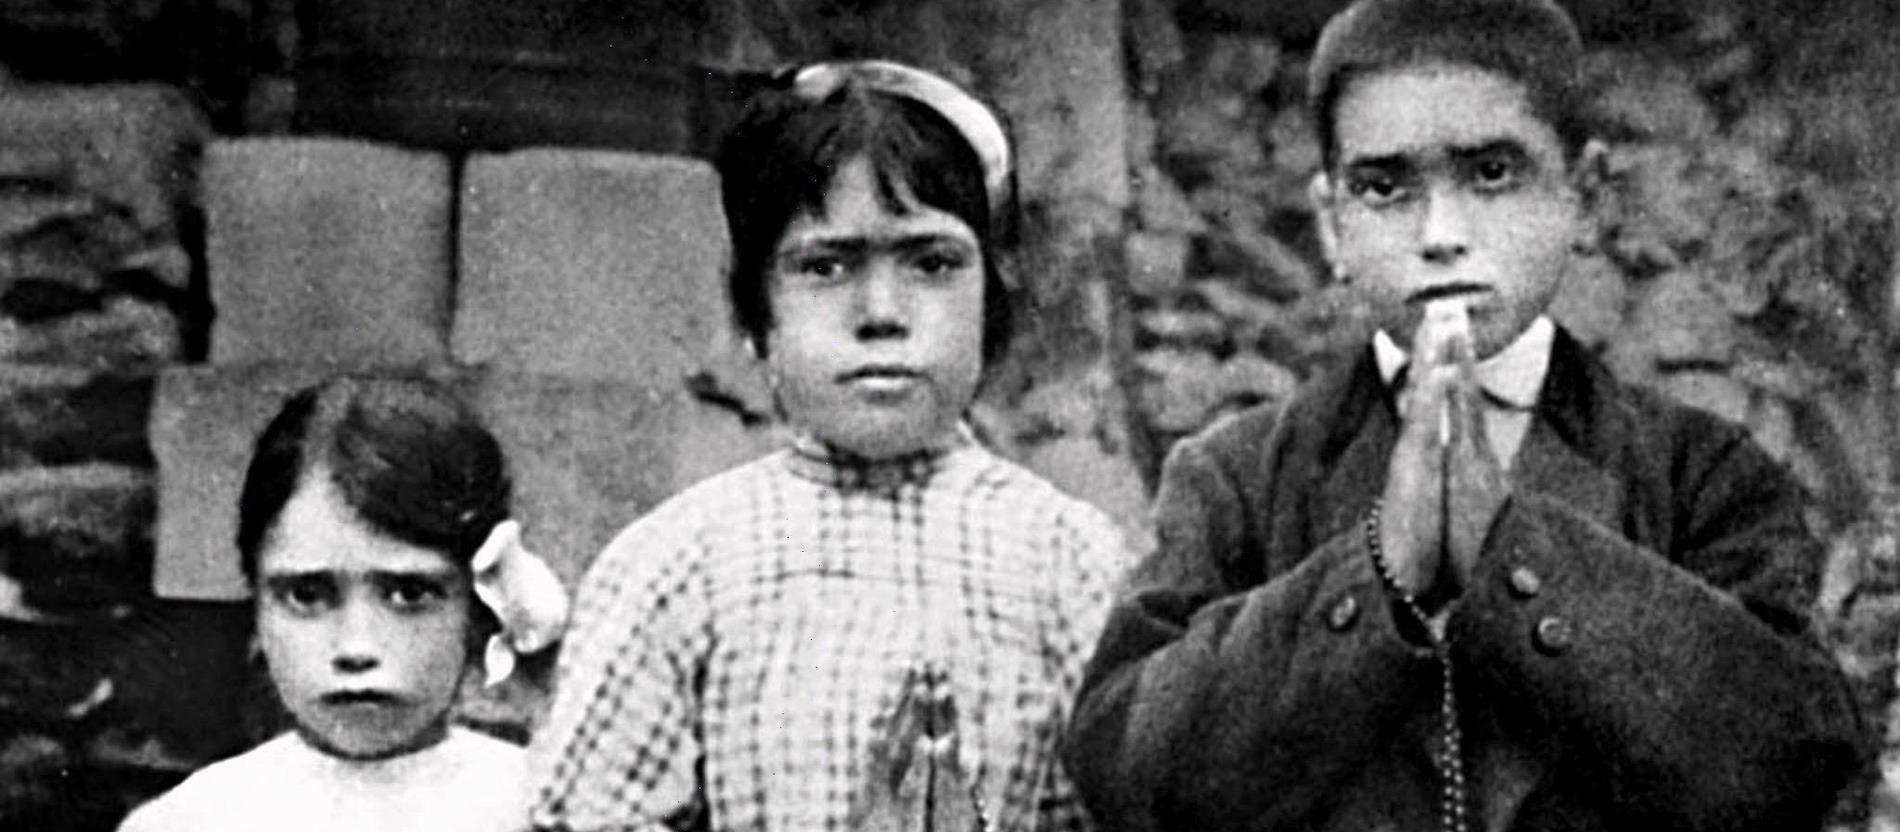 Die drei Hirtenkinder, Lucia dos Santos (M), die später Nonne wurde, ihr Cousin Francisco und ihre Cousine Jacinta, aufgenommen 1917 bei Fatima (Portugal). Ihnen war in diesem Jahr die Jungfrau Maria erschienen.